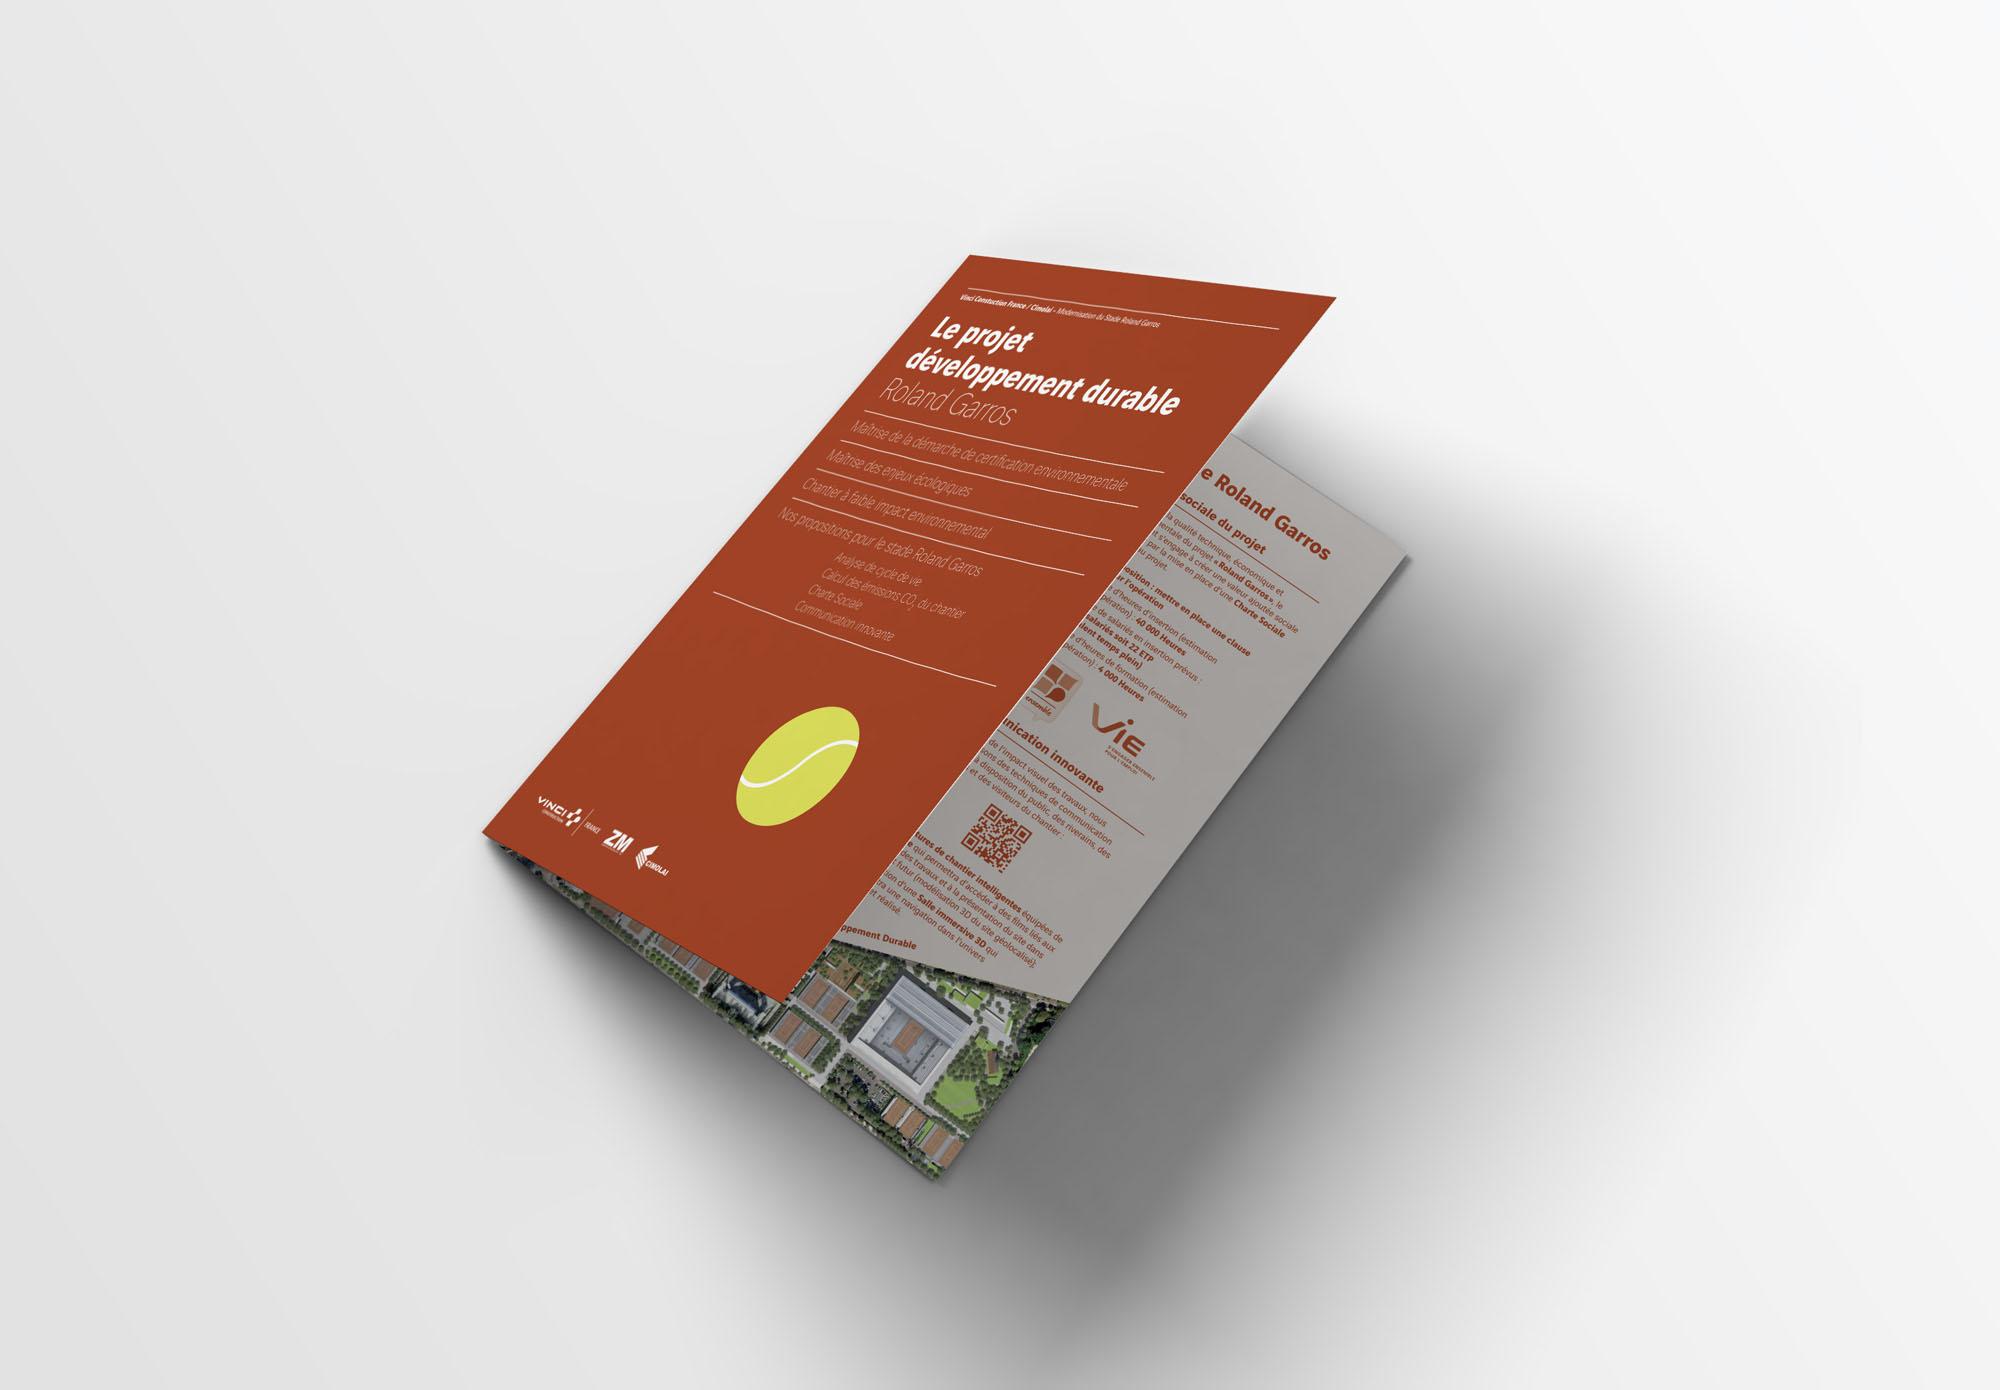 Vinci Construction - appel d'offre Roland Garros - brochure RSE